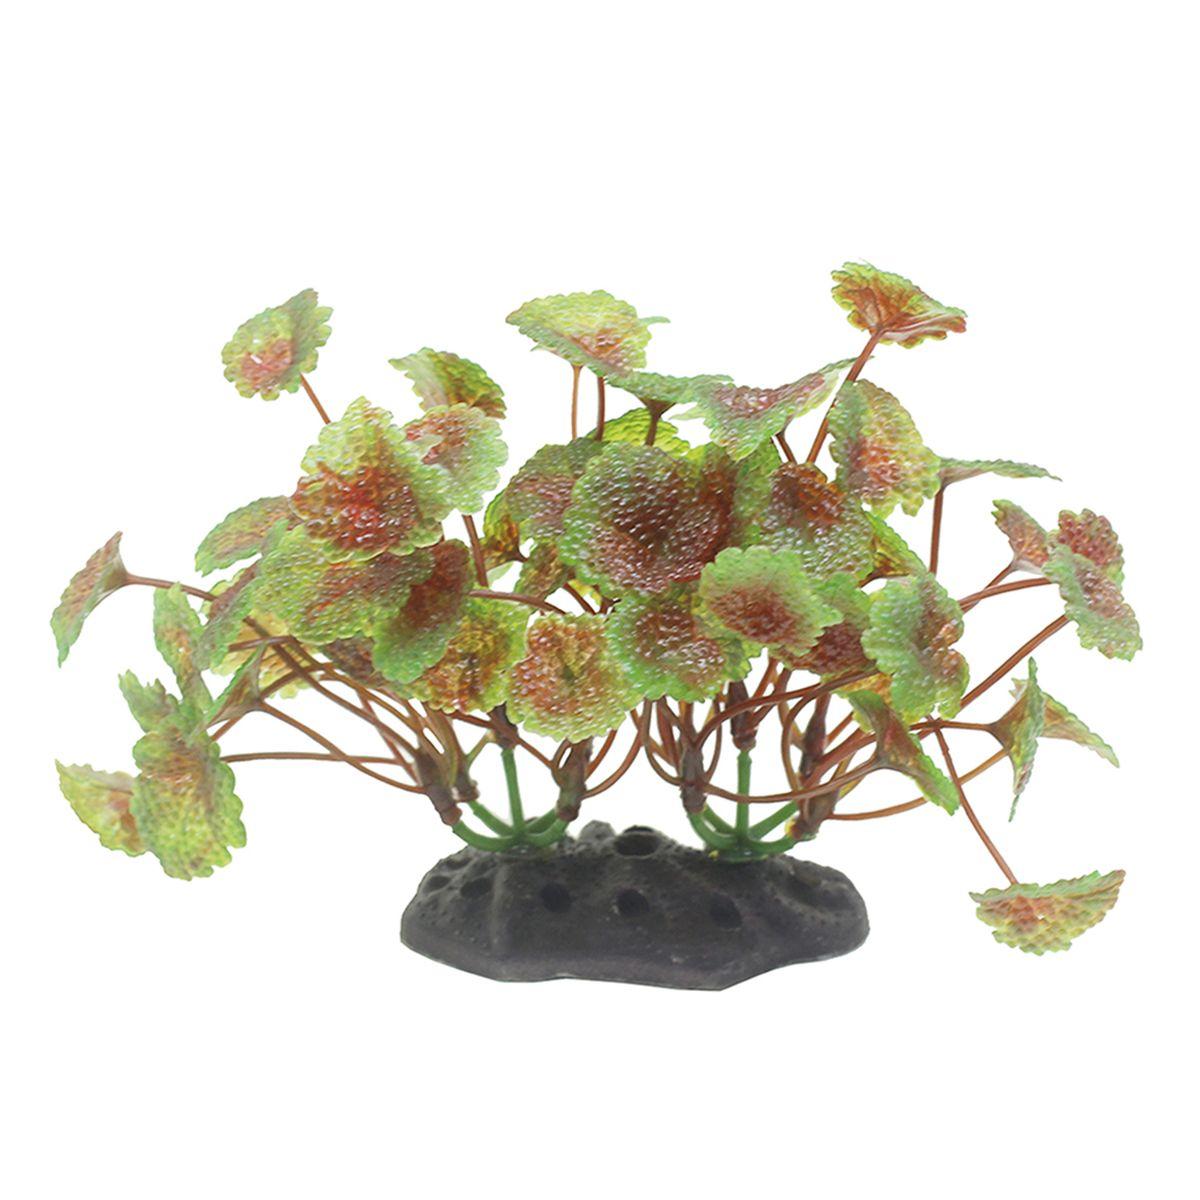 Растение для аквариума ArtUniq Щитолистник красно-зеленый, высота 10-12 смART-1192105Растение для аквариума ArtUniq Щитолистник красно-зеленый, высота 10-12 см